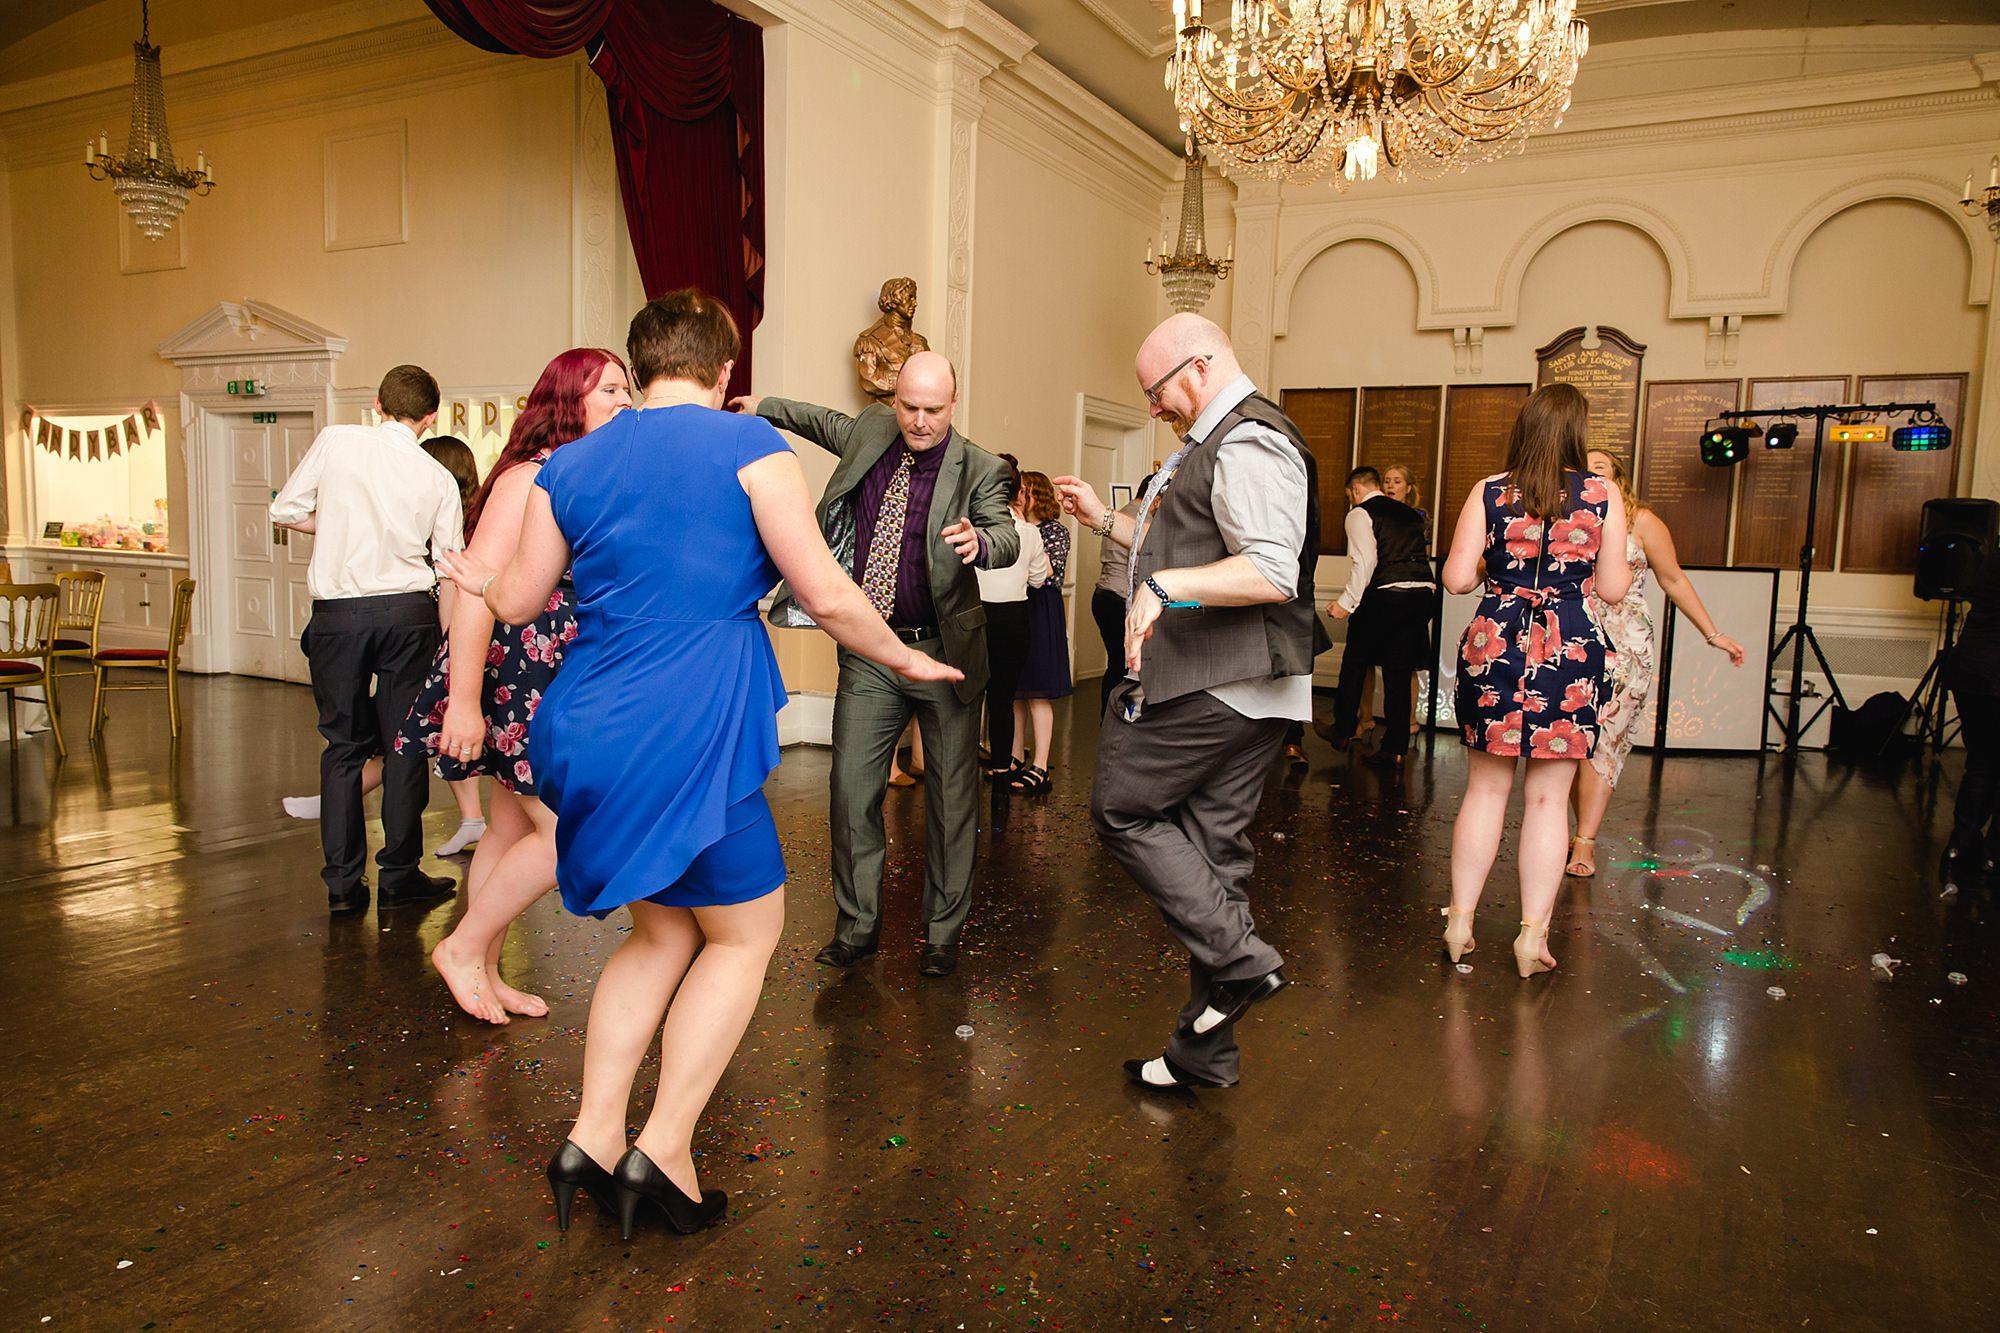 Trafalgar Tavern wedding partying guests